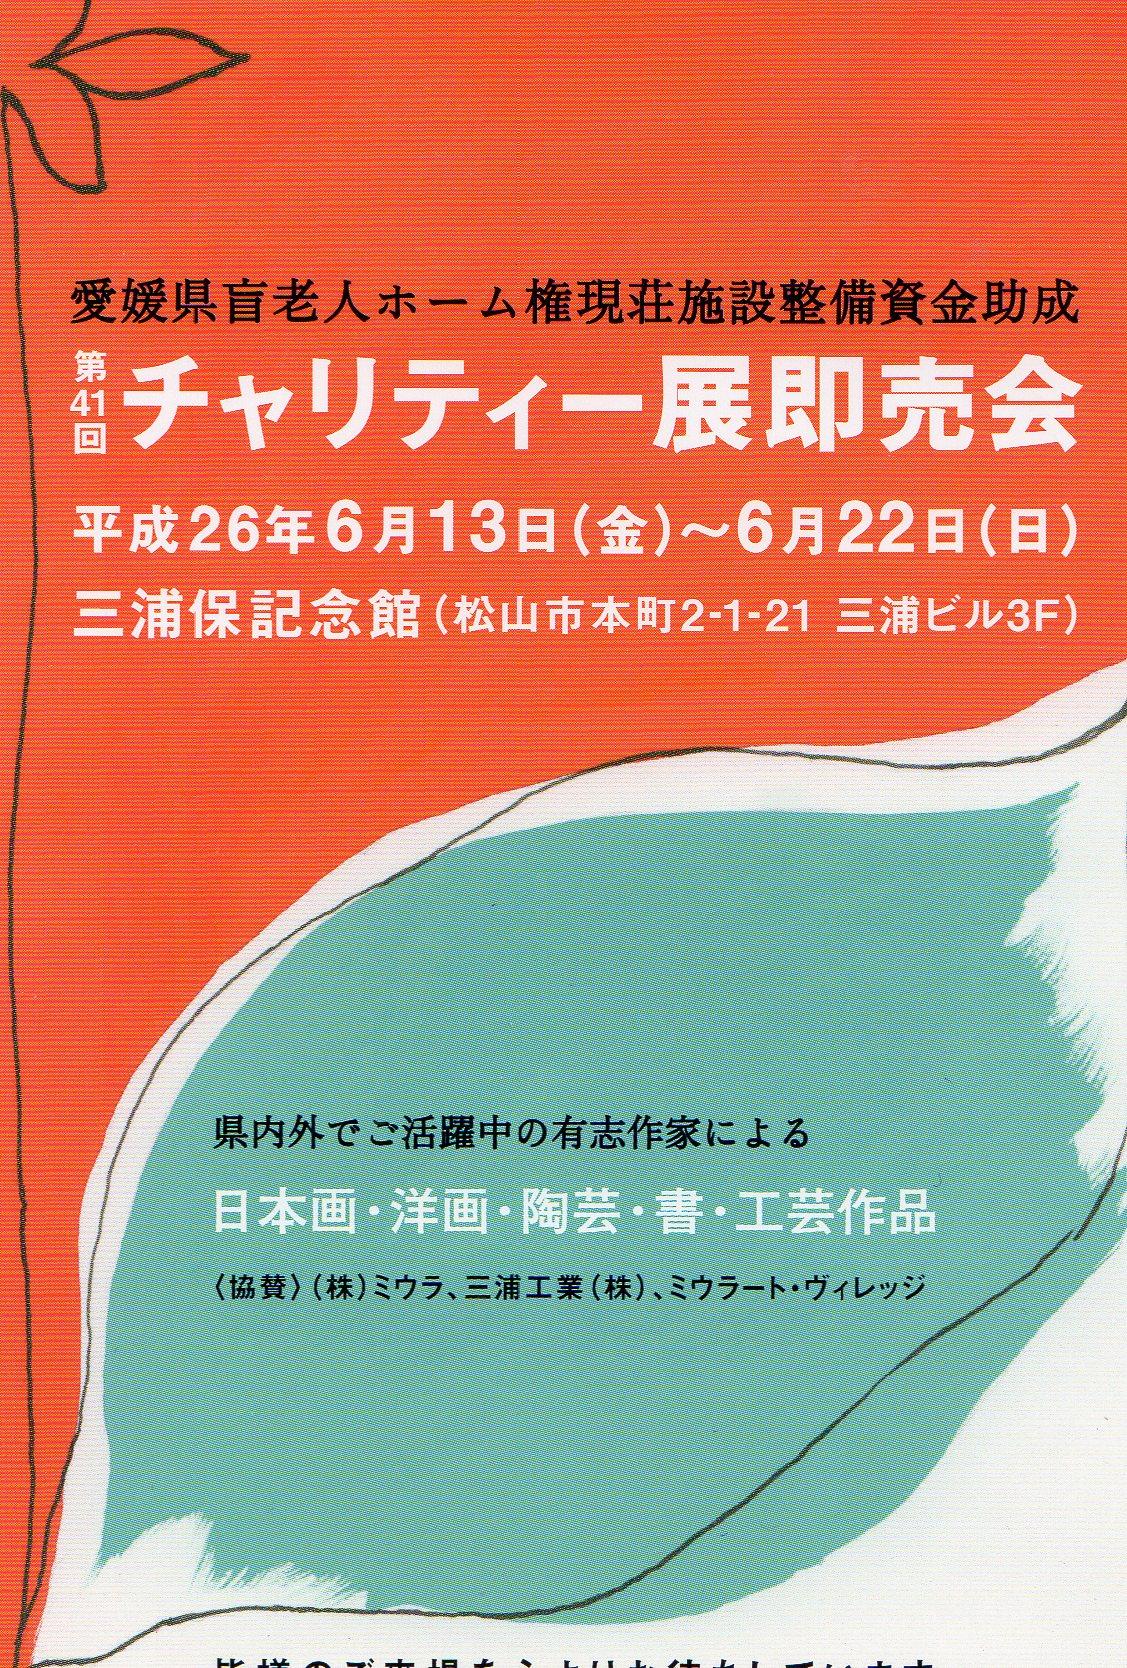 チャリティー展示即売会 三浦保記念館